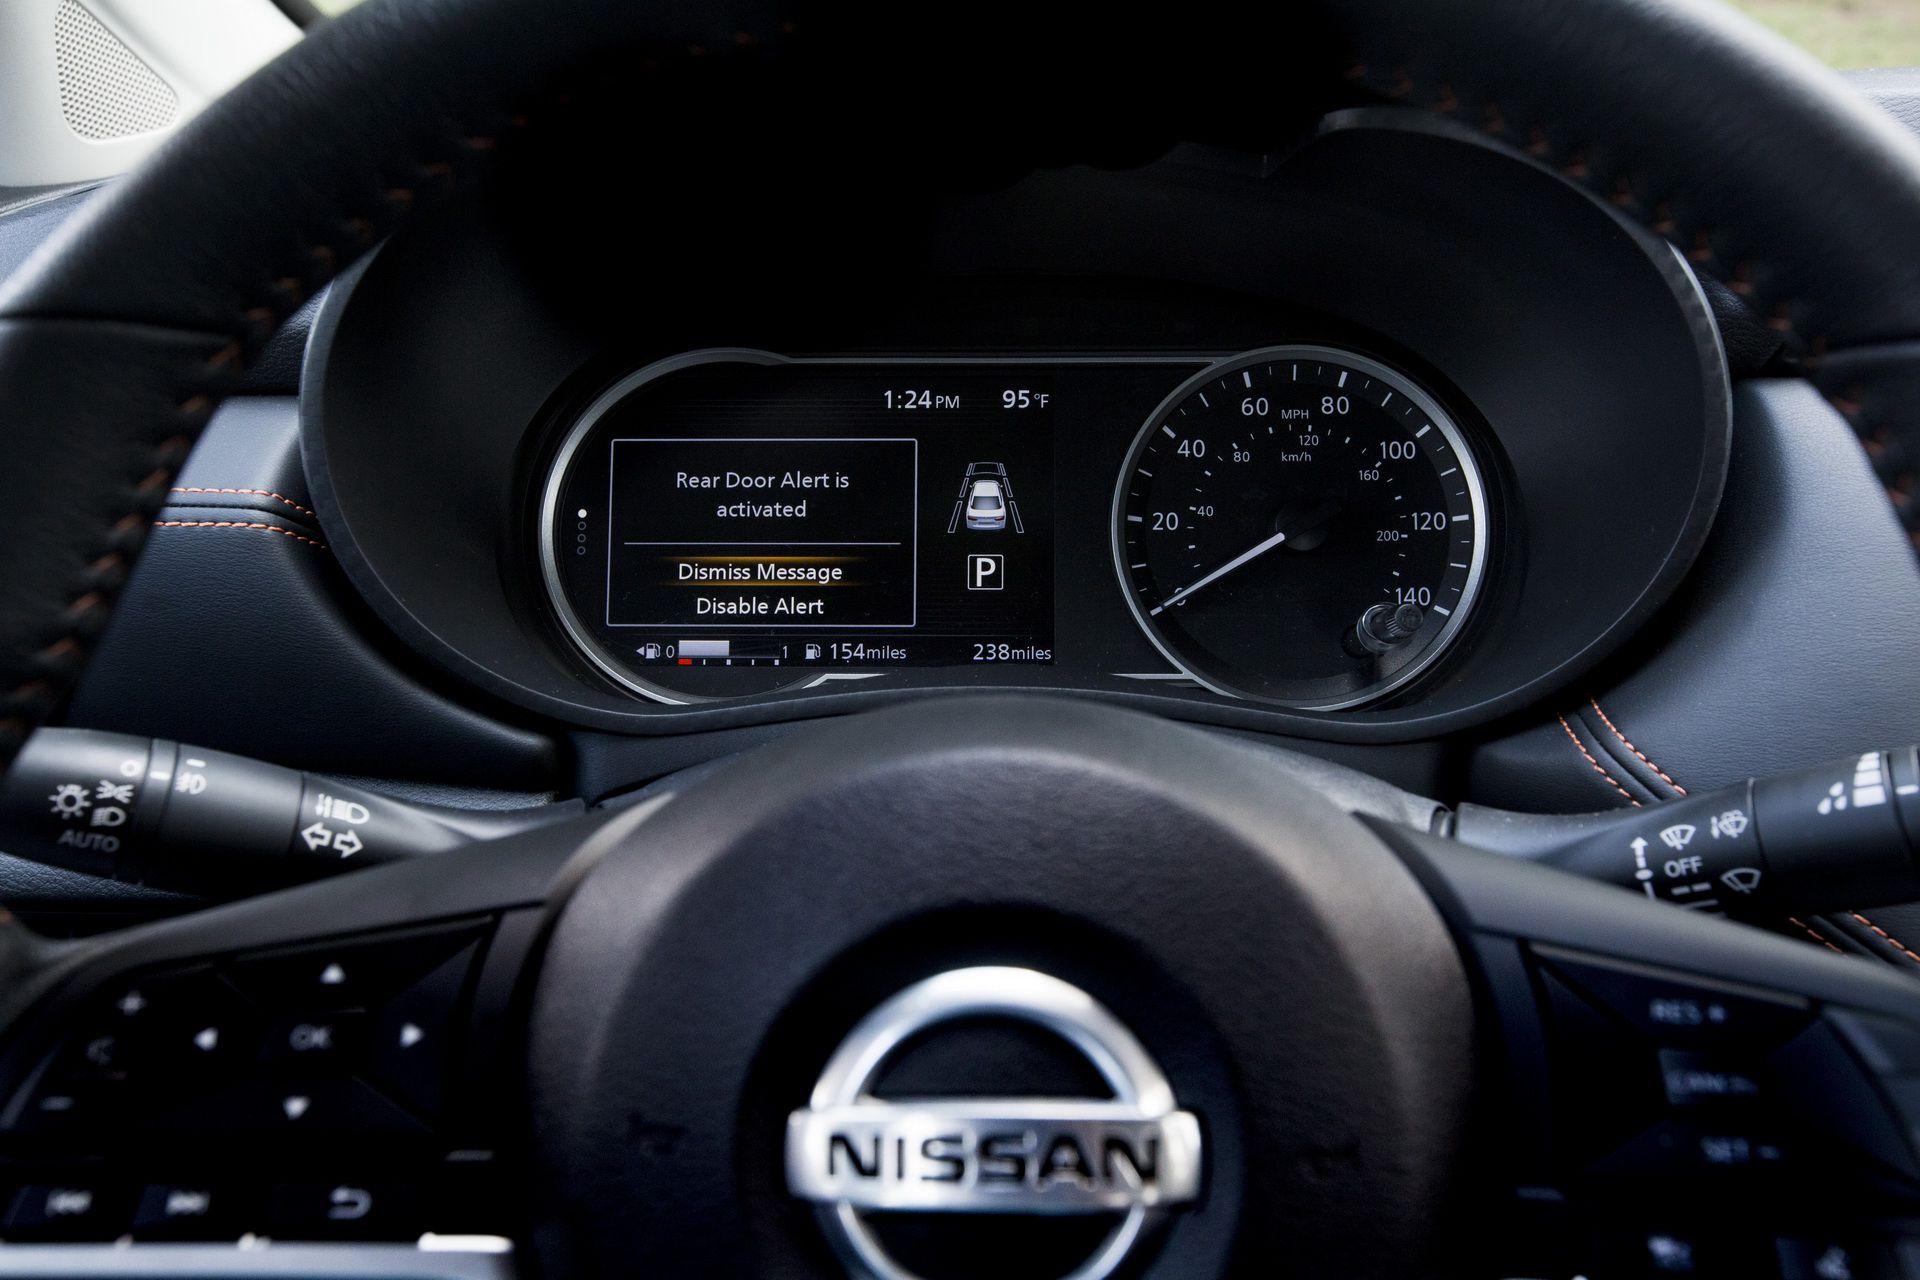 Nissan mở rộng trang bị hệ thống cảnh báo bỏ quên trẻ trên xe - 2